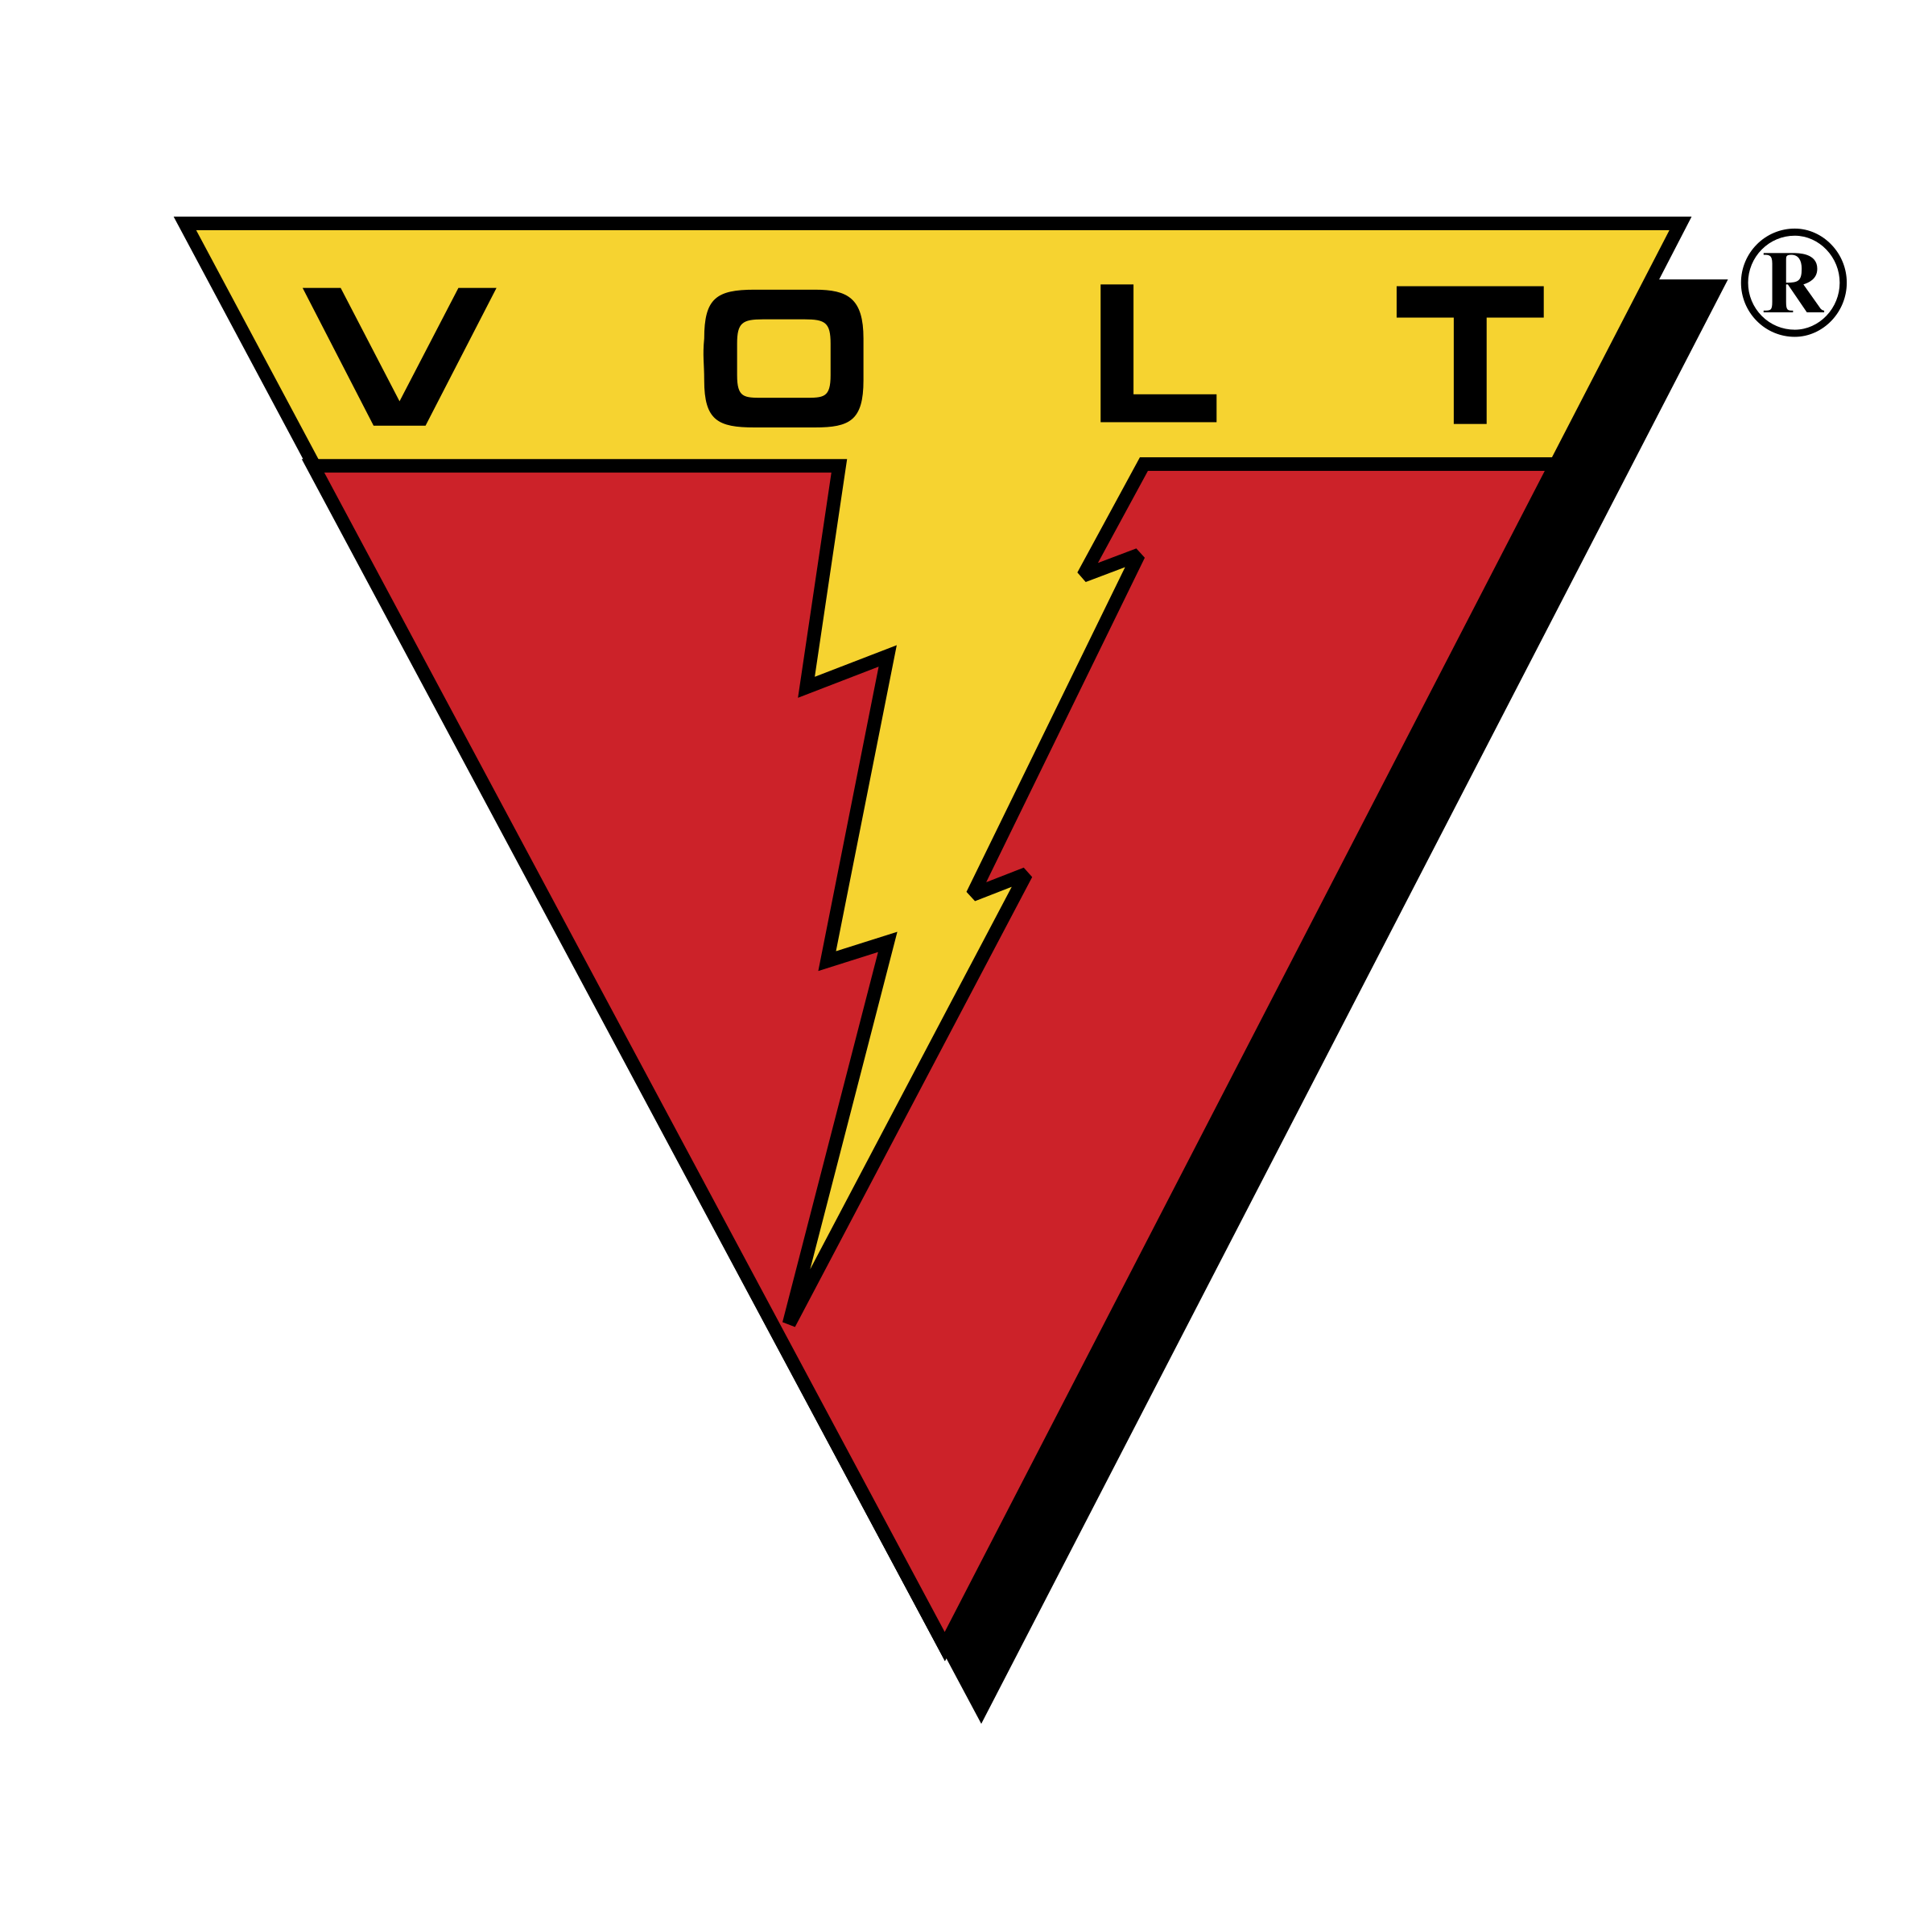 Volt Png >> Volt Information Logo Png Transparent Svg Vector Freebie Supply